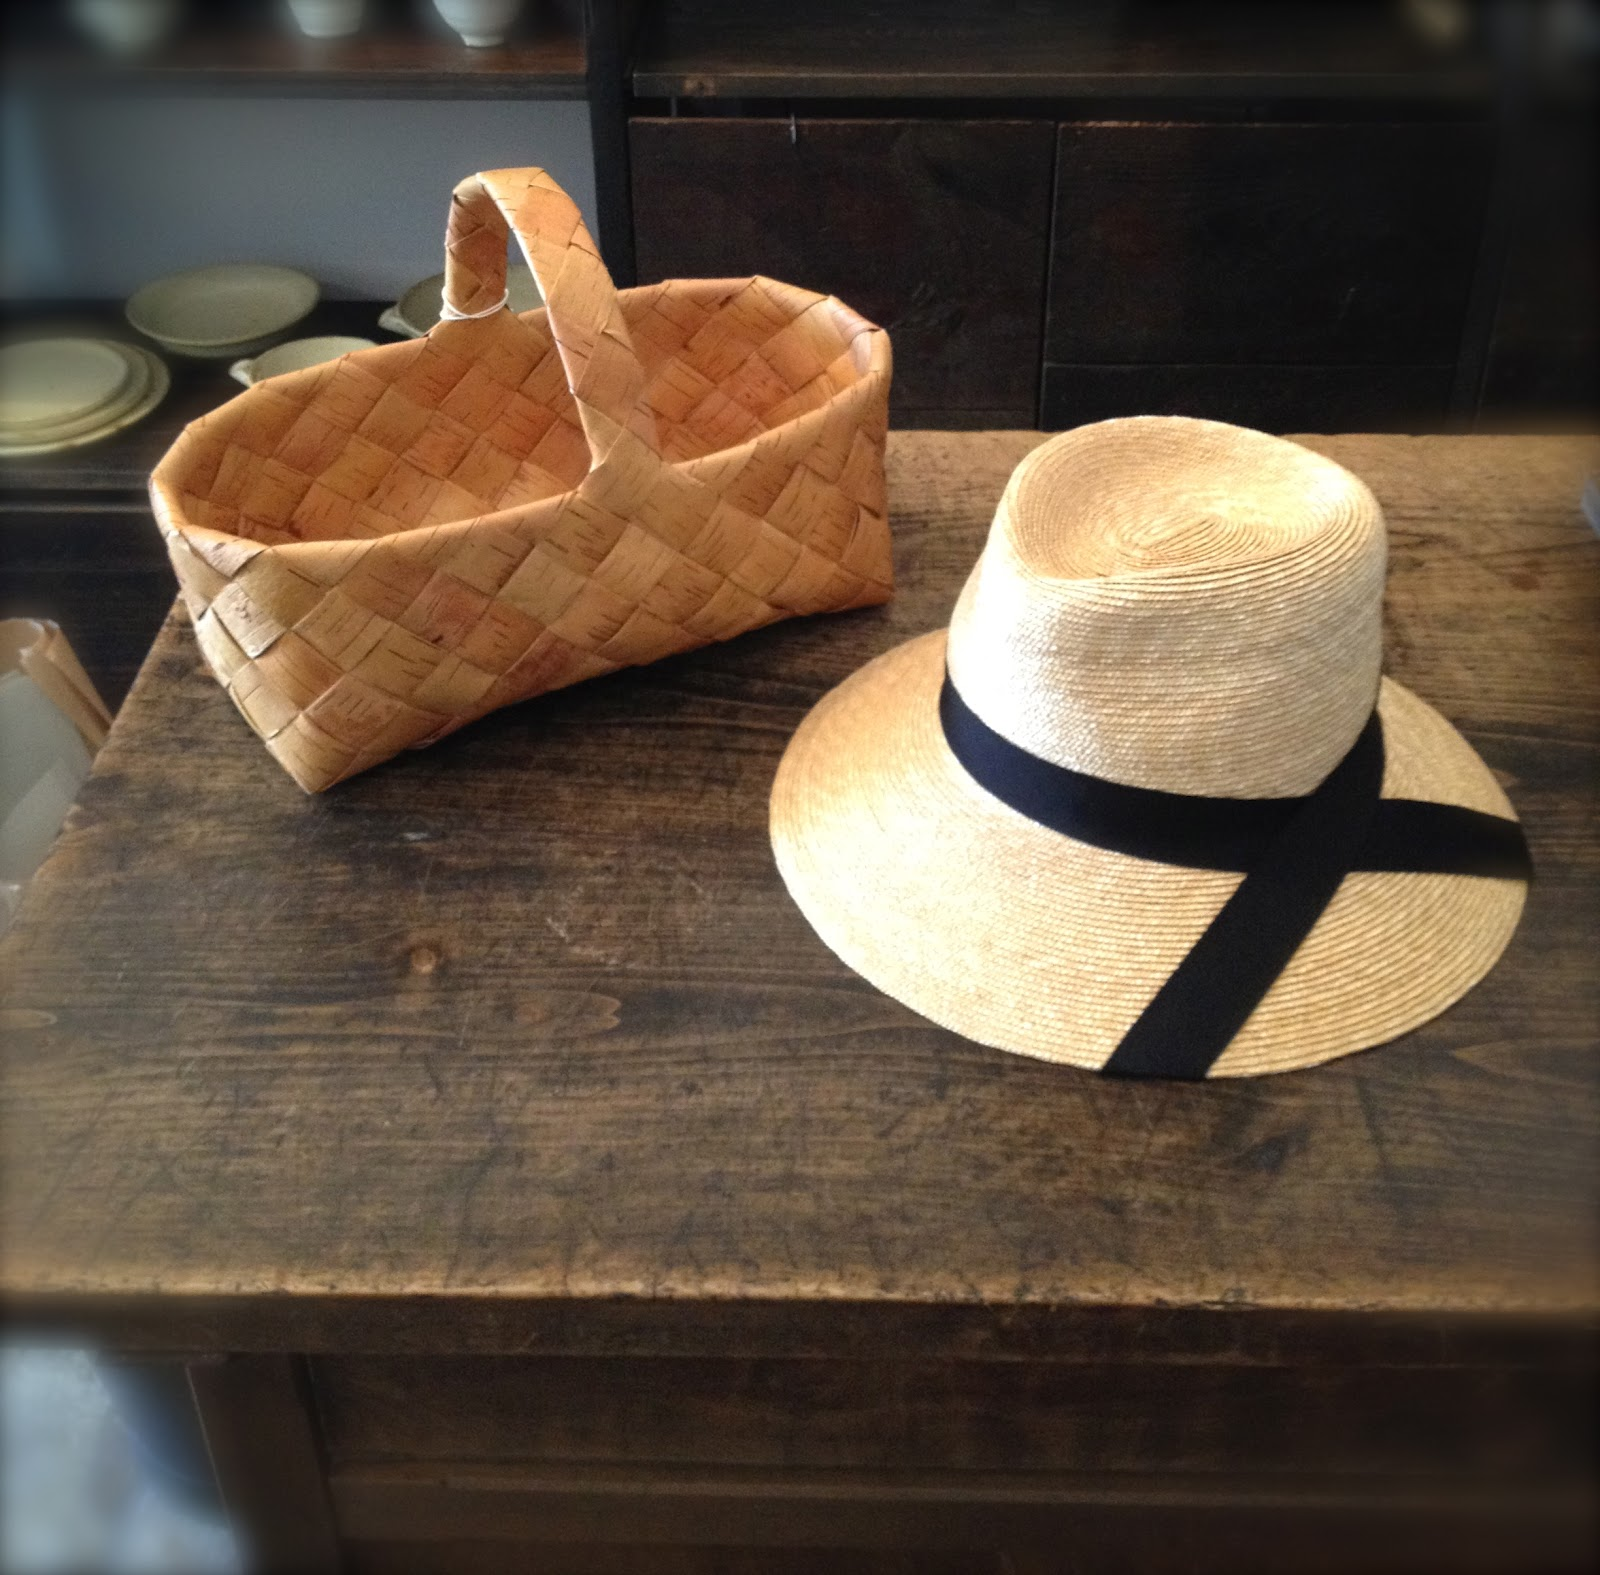 strawさんのお帽子は、どれも上品でかぶるヒトを 美しく見せるお帽子...  strawの帽子